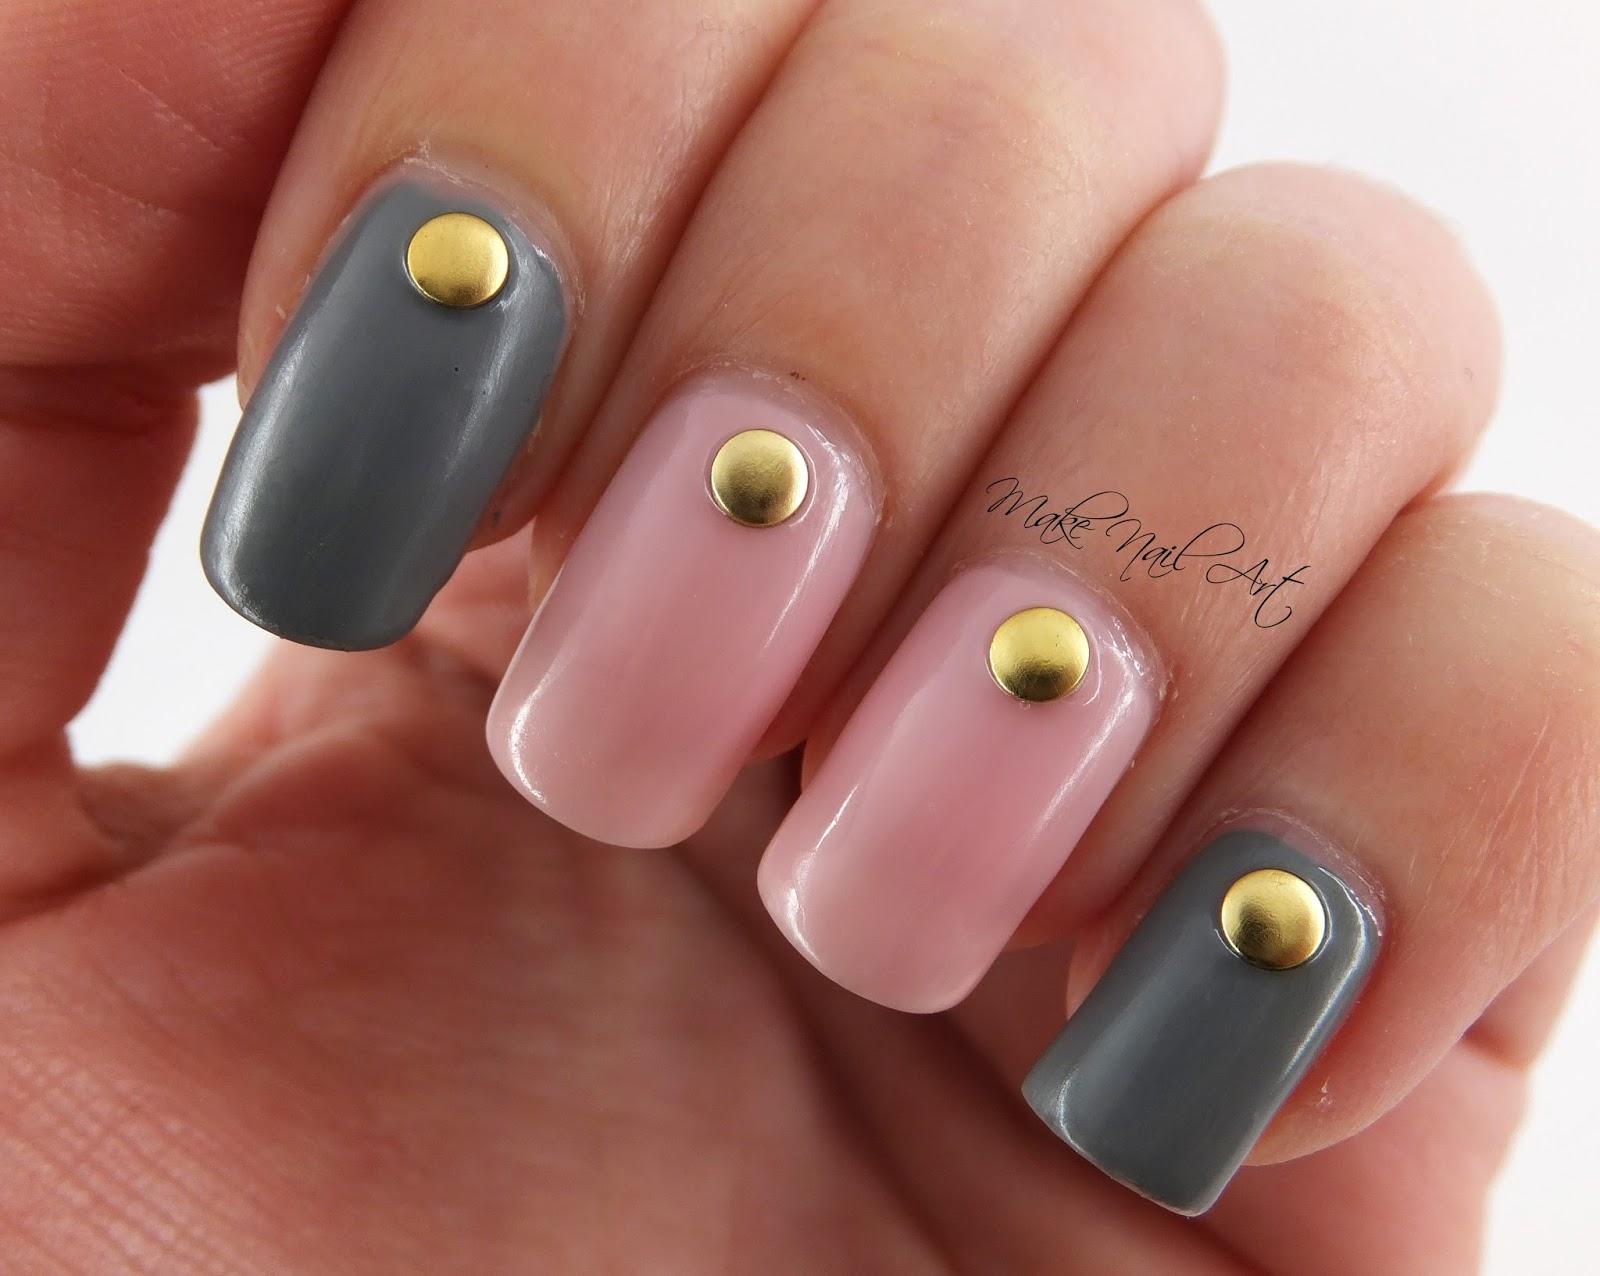 Make Nail Art Pink And Grey Nails Nail Art Design